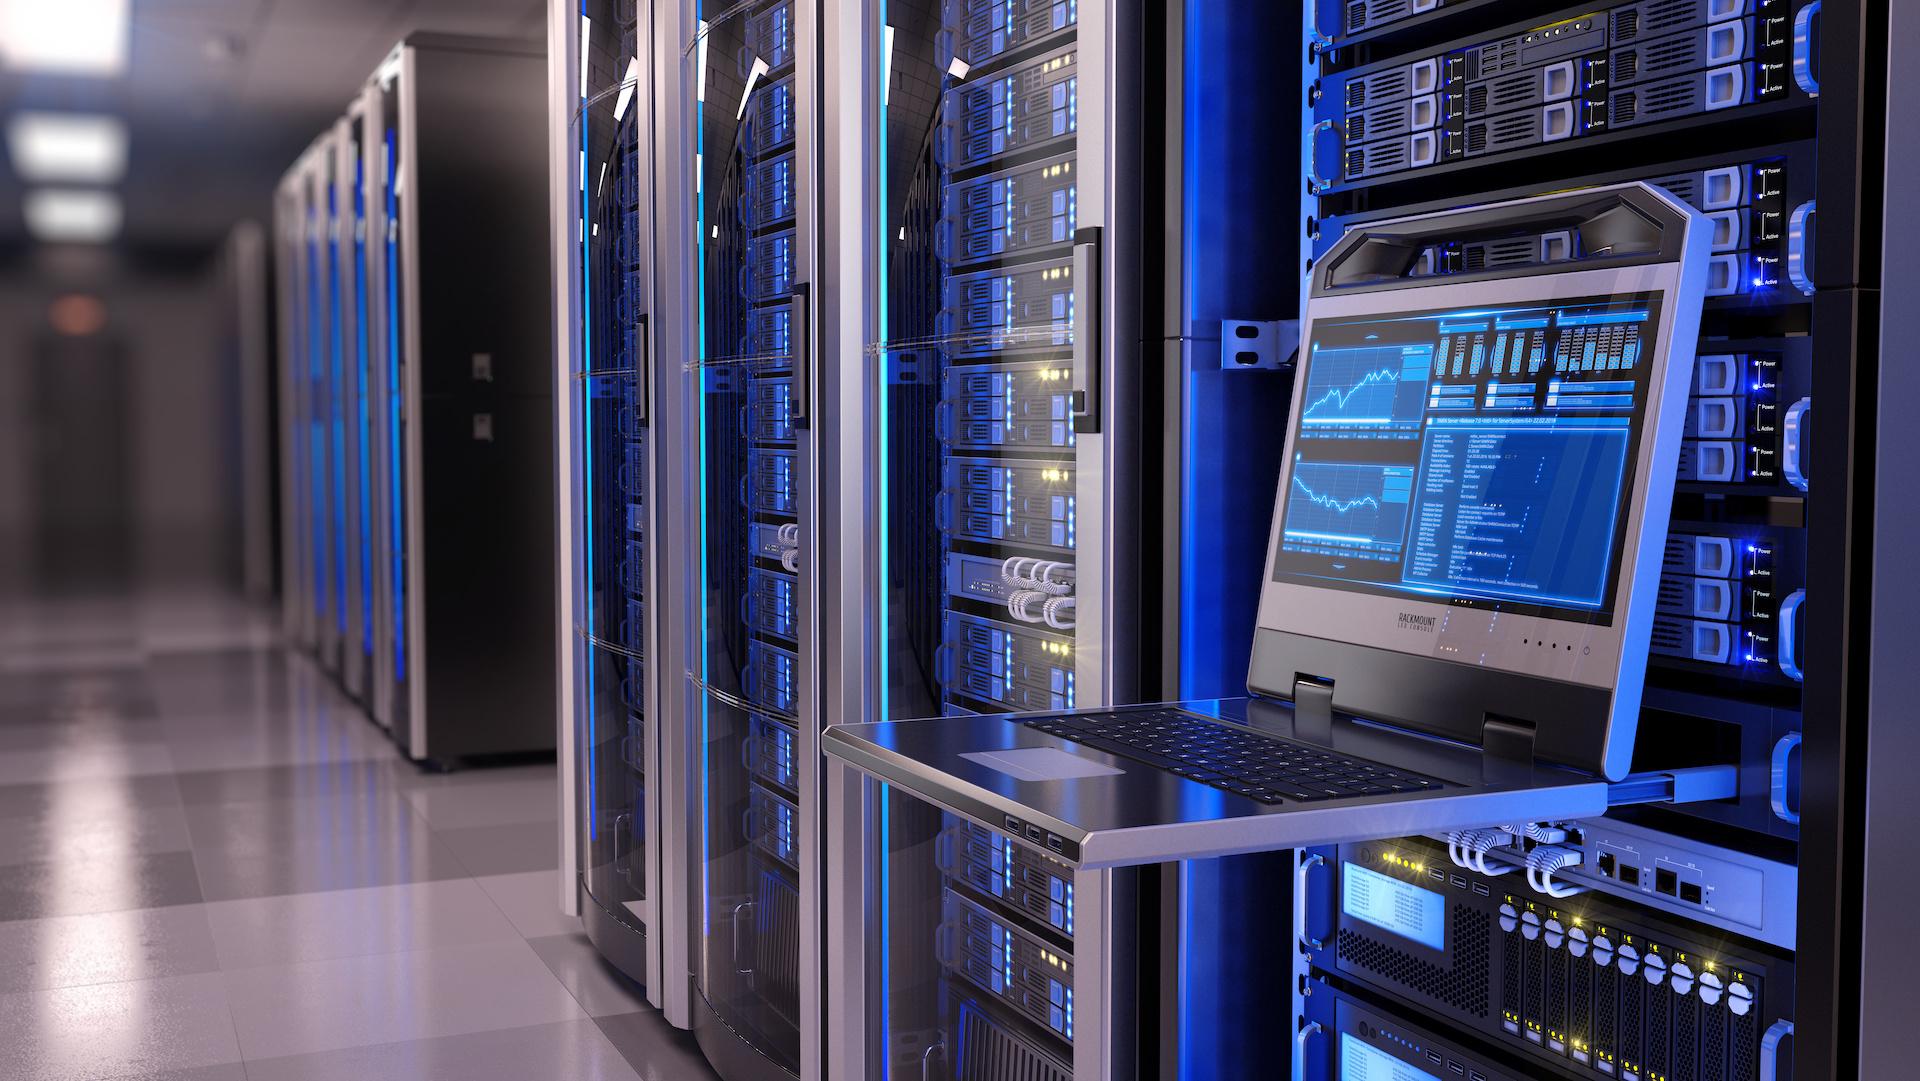 Rackmount LED Console In Server Room Data Center 3d Illustration